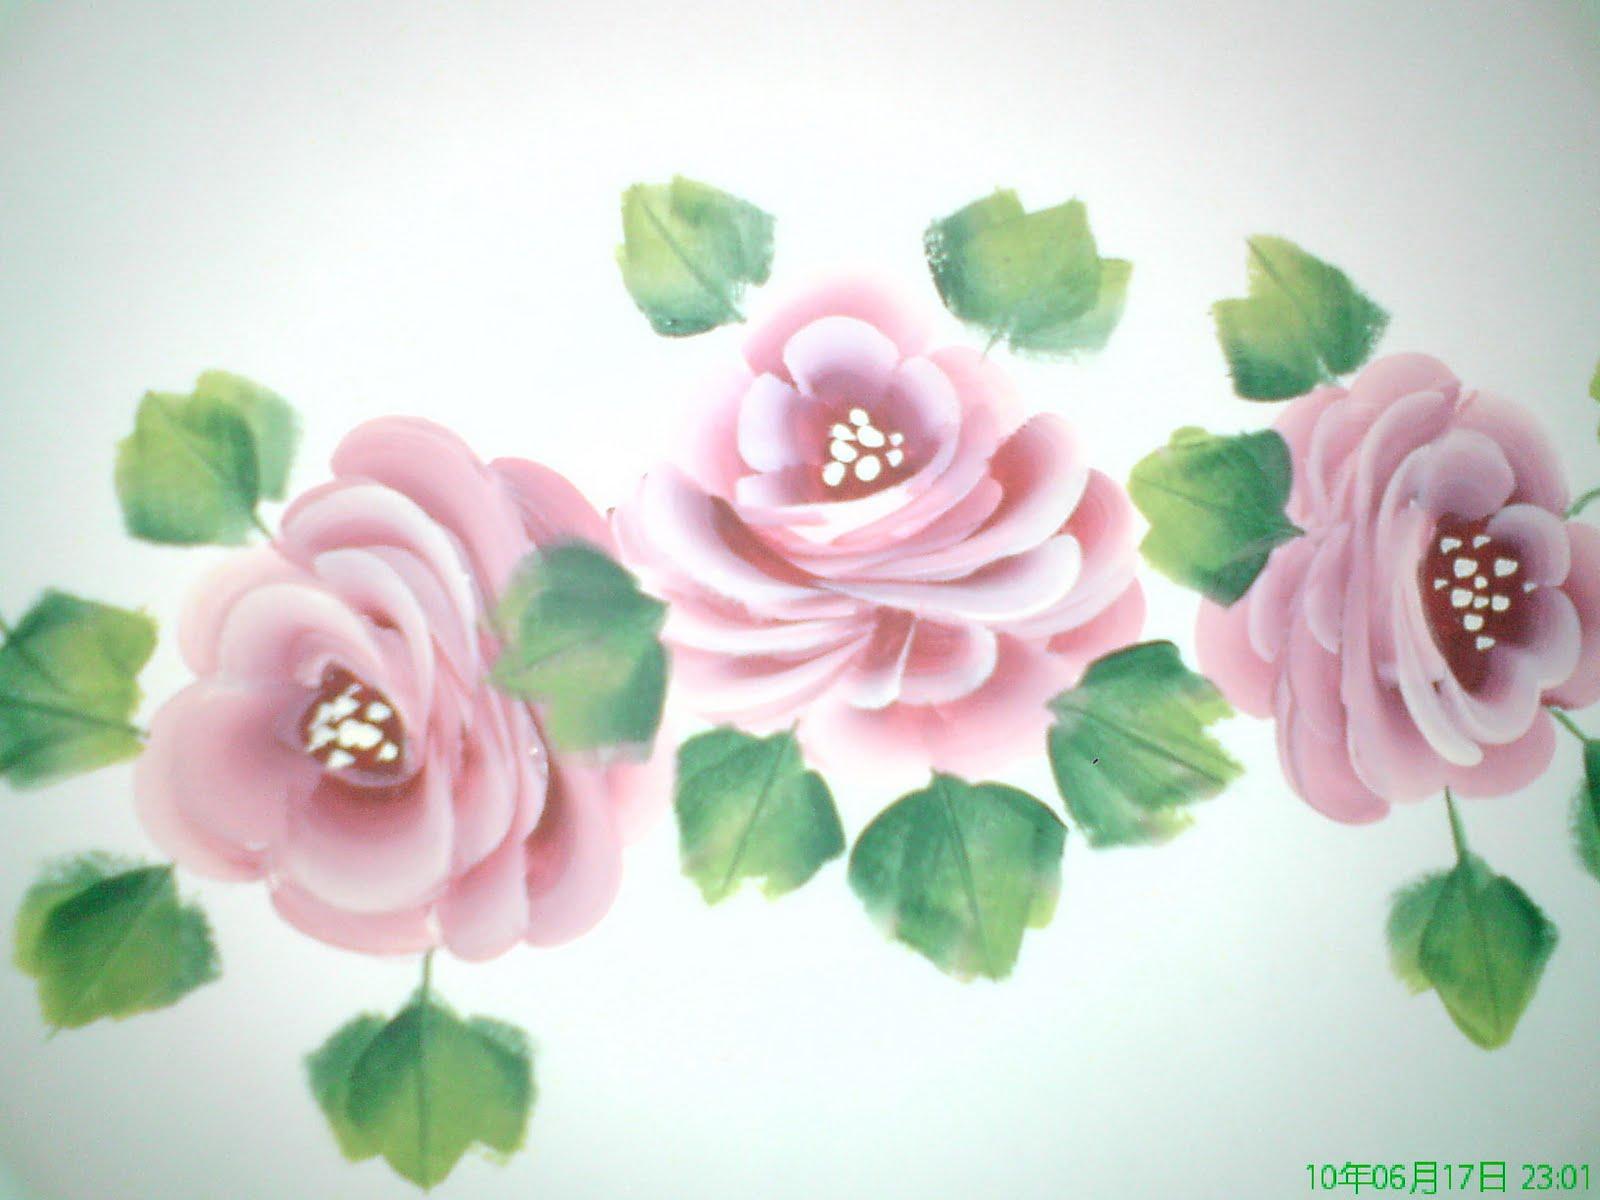 melukis roses lagi....